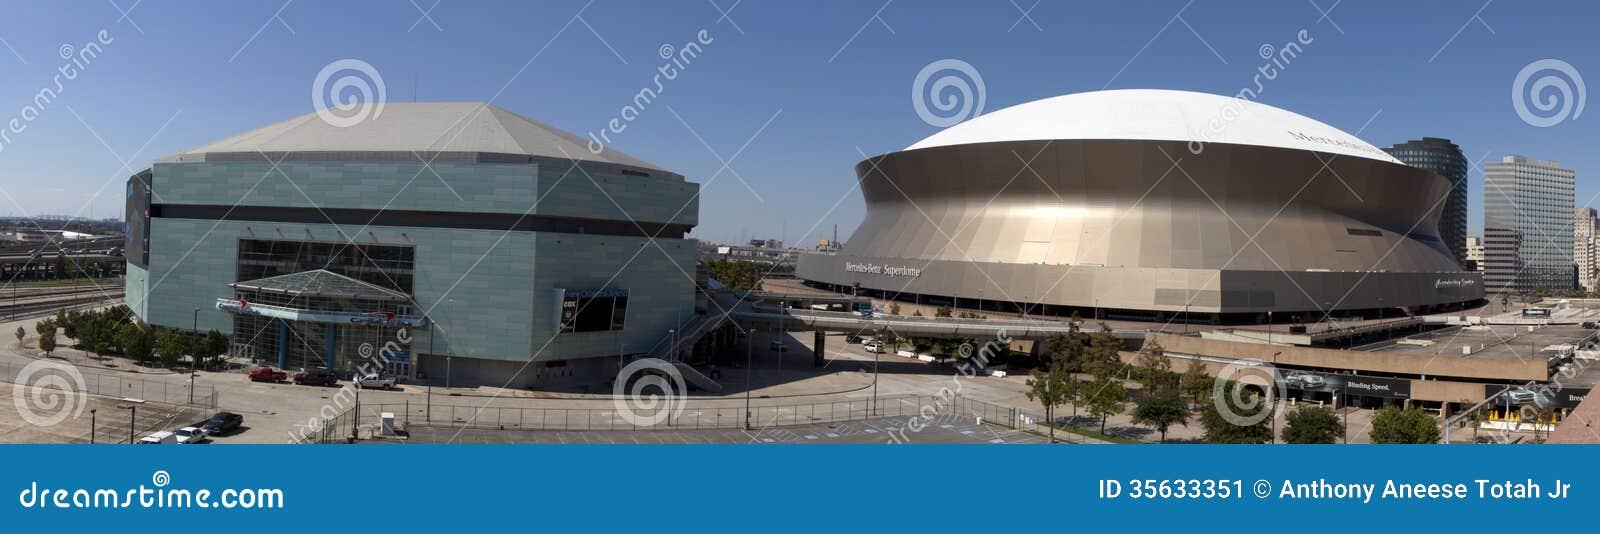 De Complexe Sporten en het Vermaak van New Orleans (panoramisch)